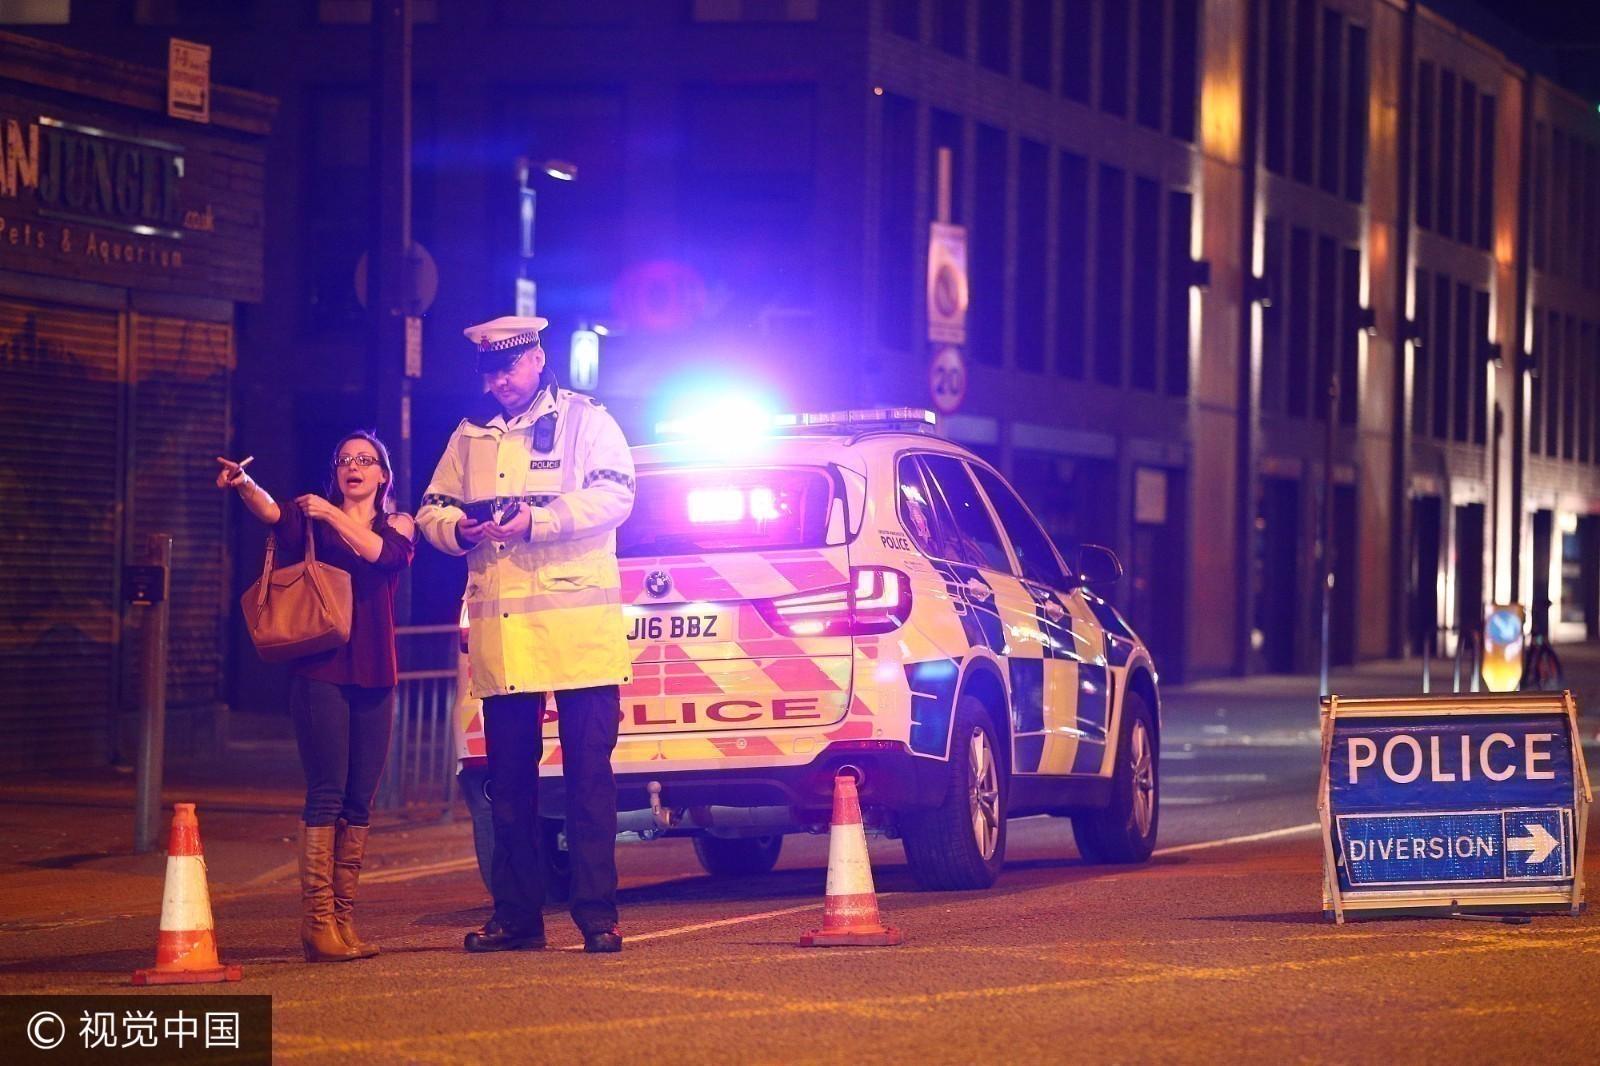 【转】北京时间     已致22人死59伤!英国曼彻斯特市发生巨大爆炸 - 妙康居士 - 妙康居士~晴樵雪读的博客